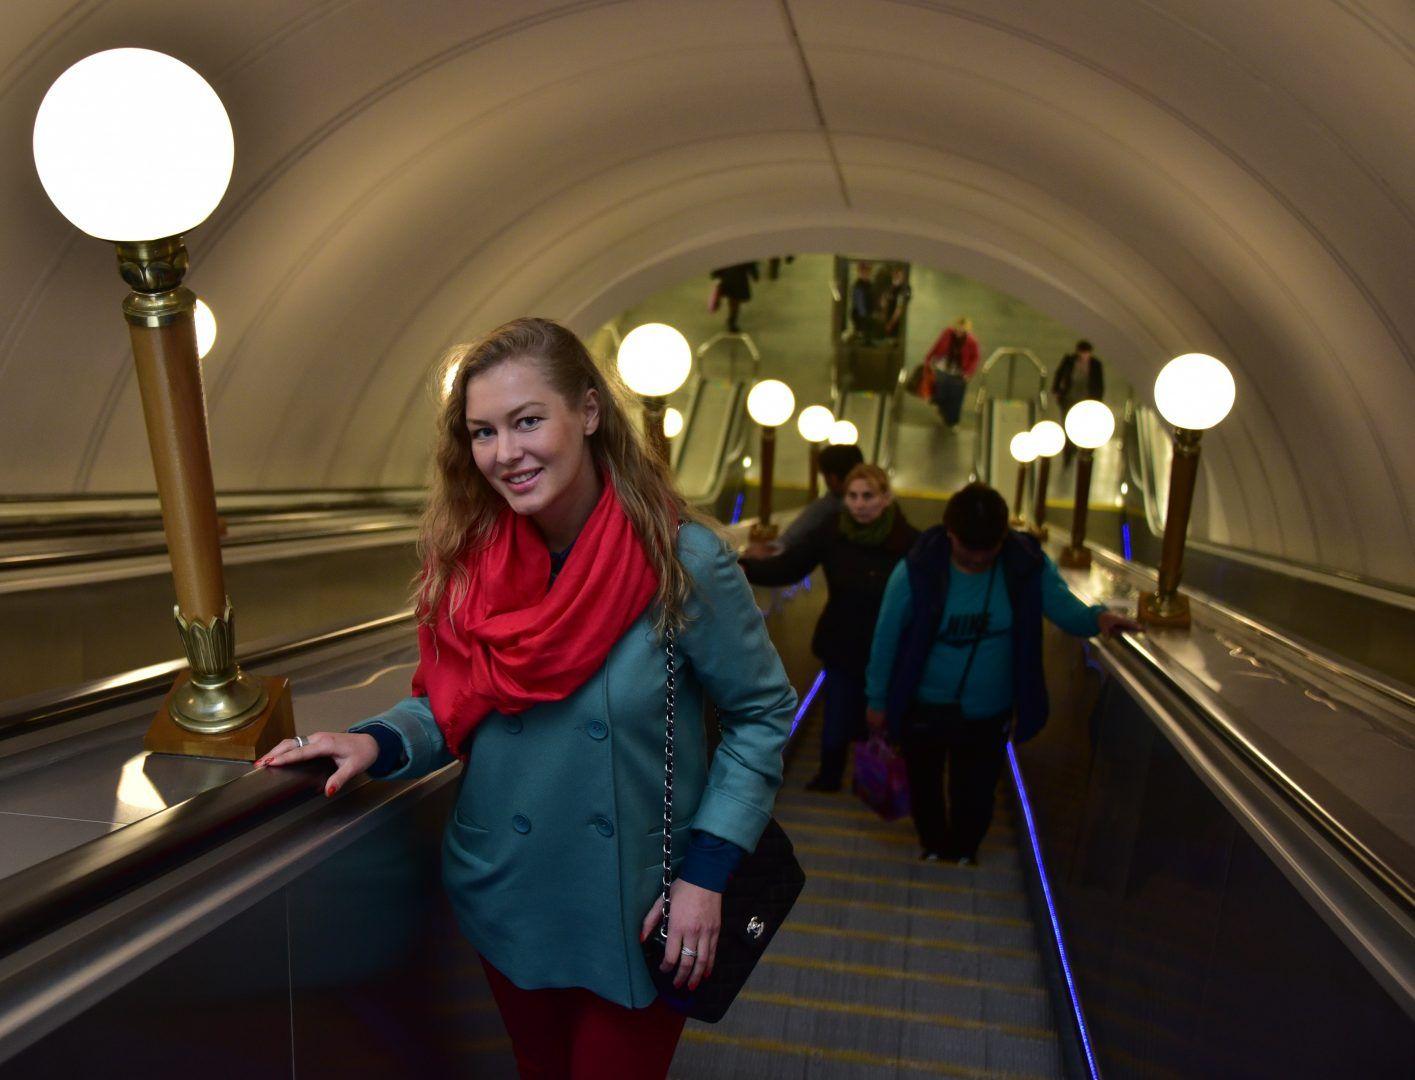 Эскалаторы будут изготовлены из современных негорючих материалов. Фото: Антон Гердо